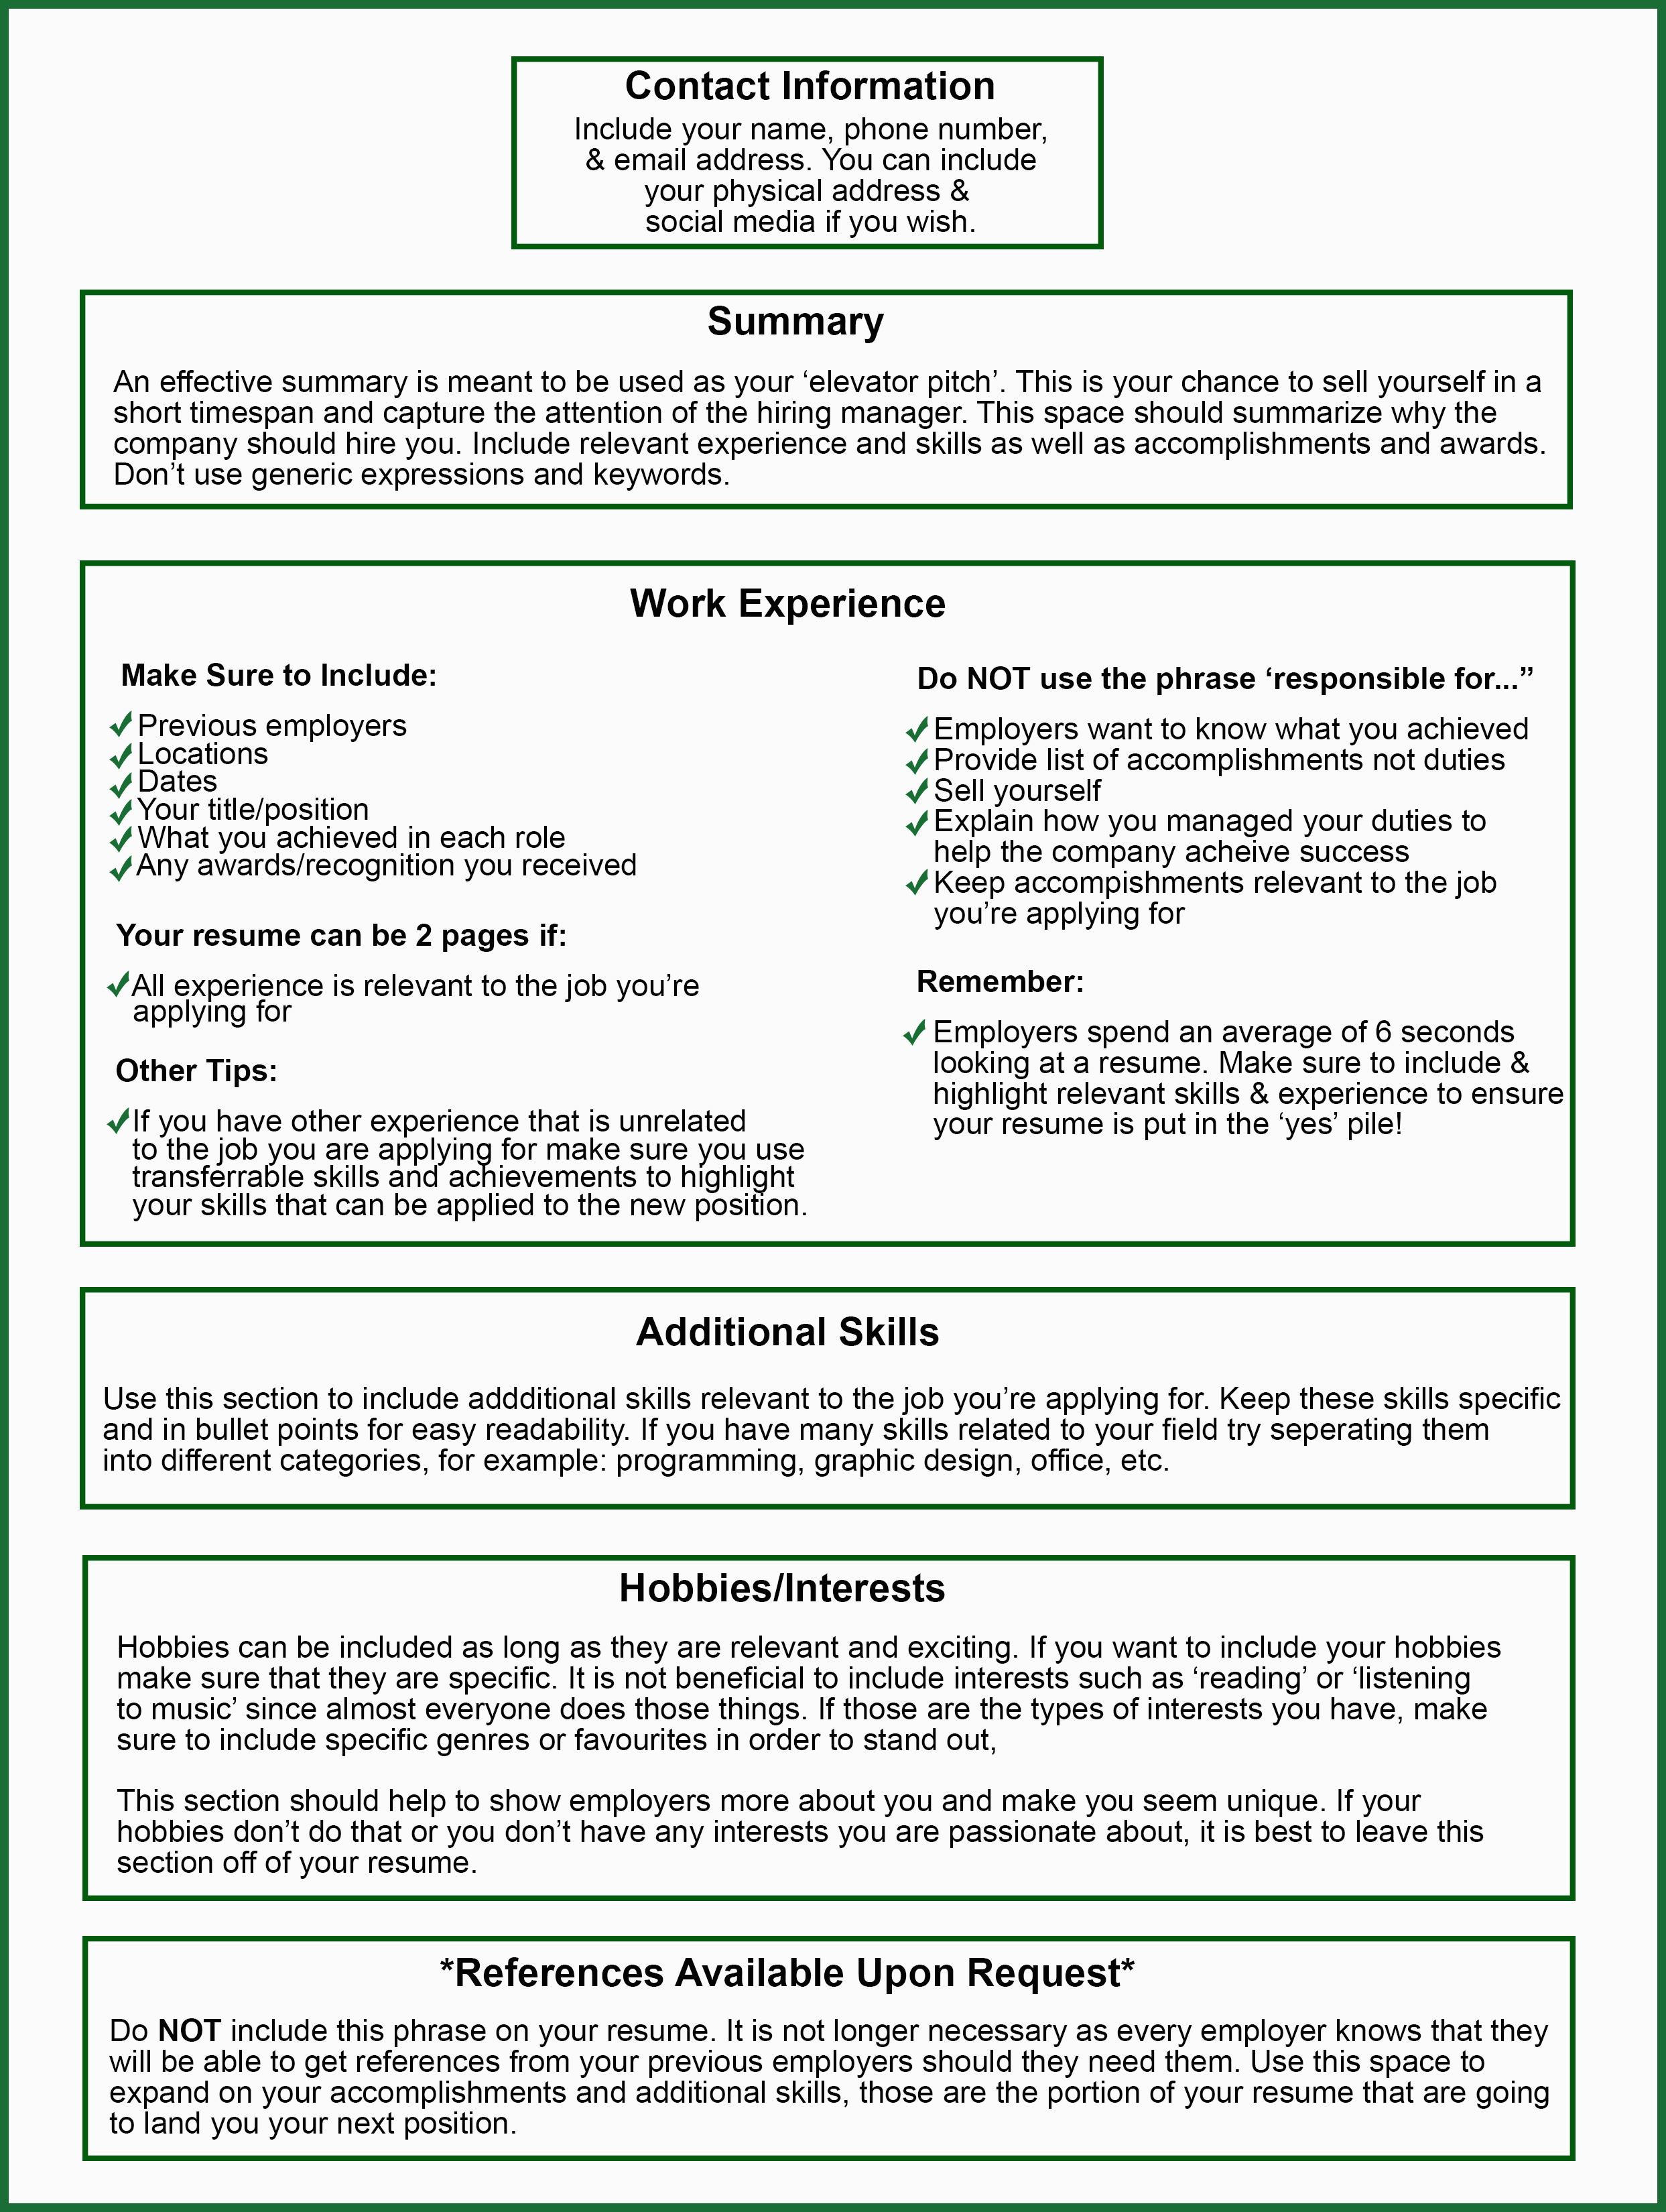 Hobbies List For Resume. step 1 write the school of graduate studies ...